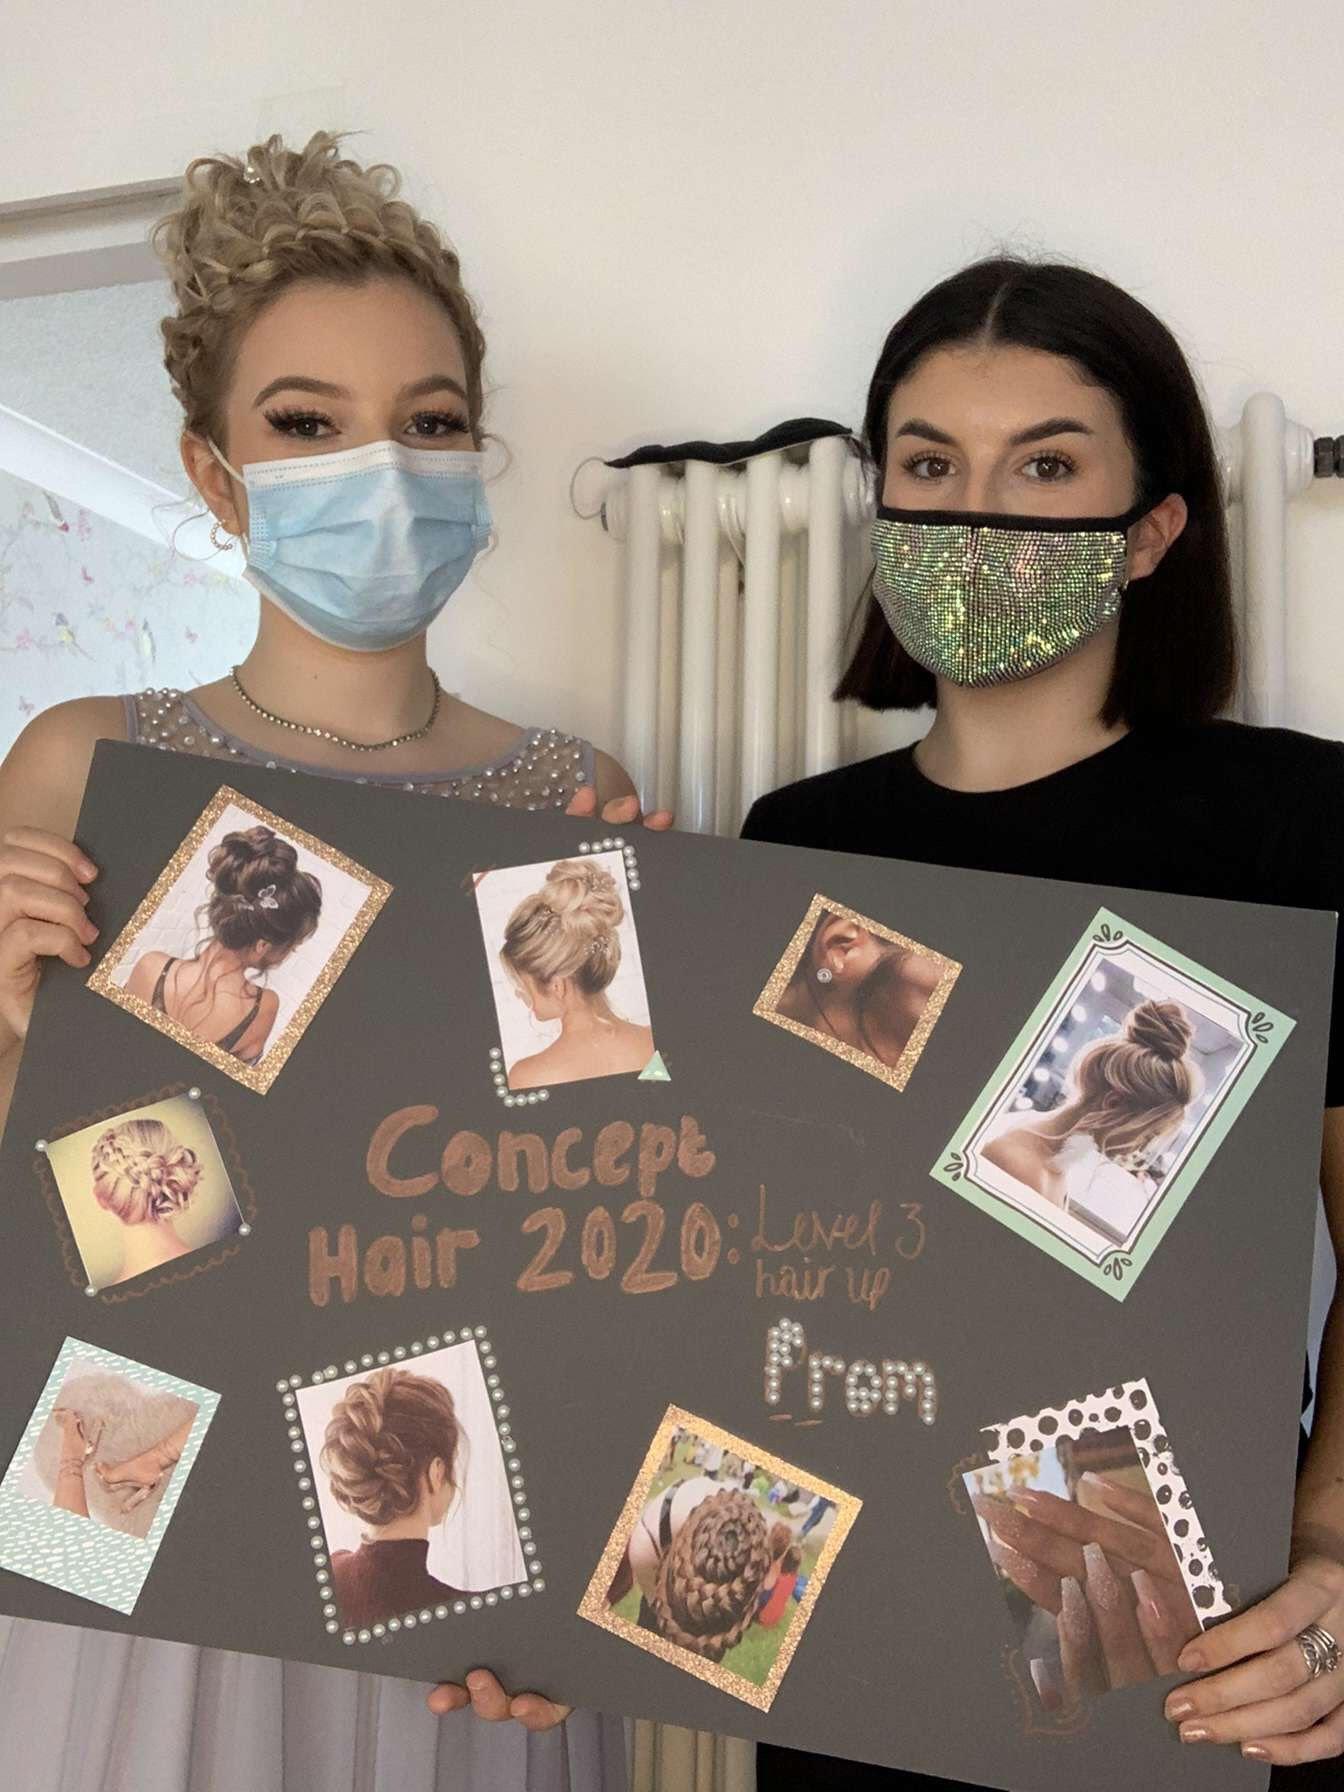 Lauren Hobbs wins Concept Hair Magazine with Model